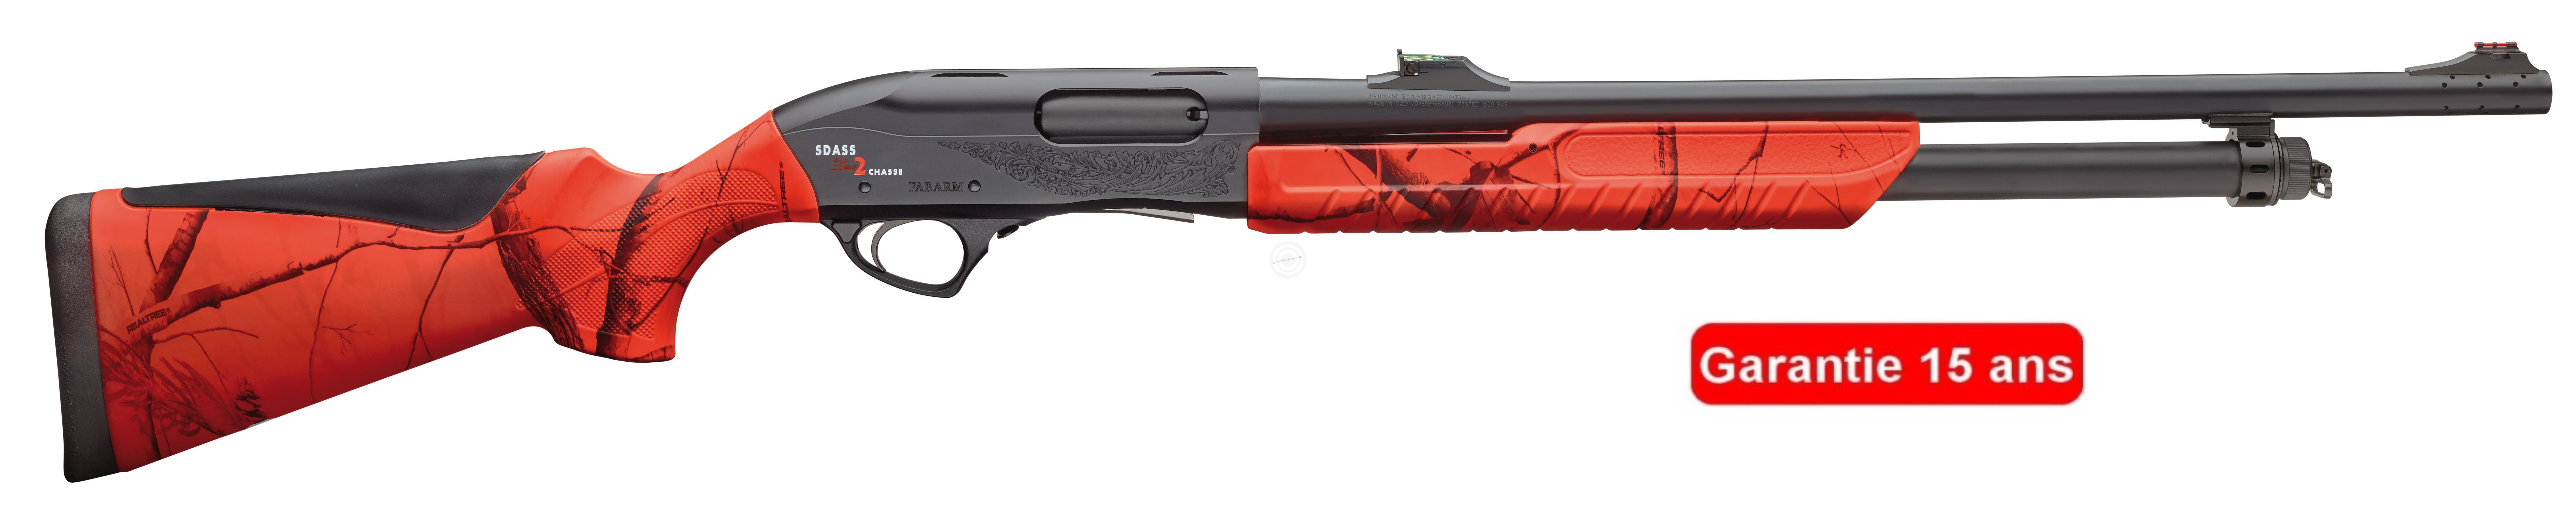 Fusil à pompe FABARM SDASS 2 Traqueur Realtree Ap Blaze cal.12/76 (canon de 61cm)